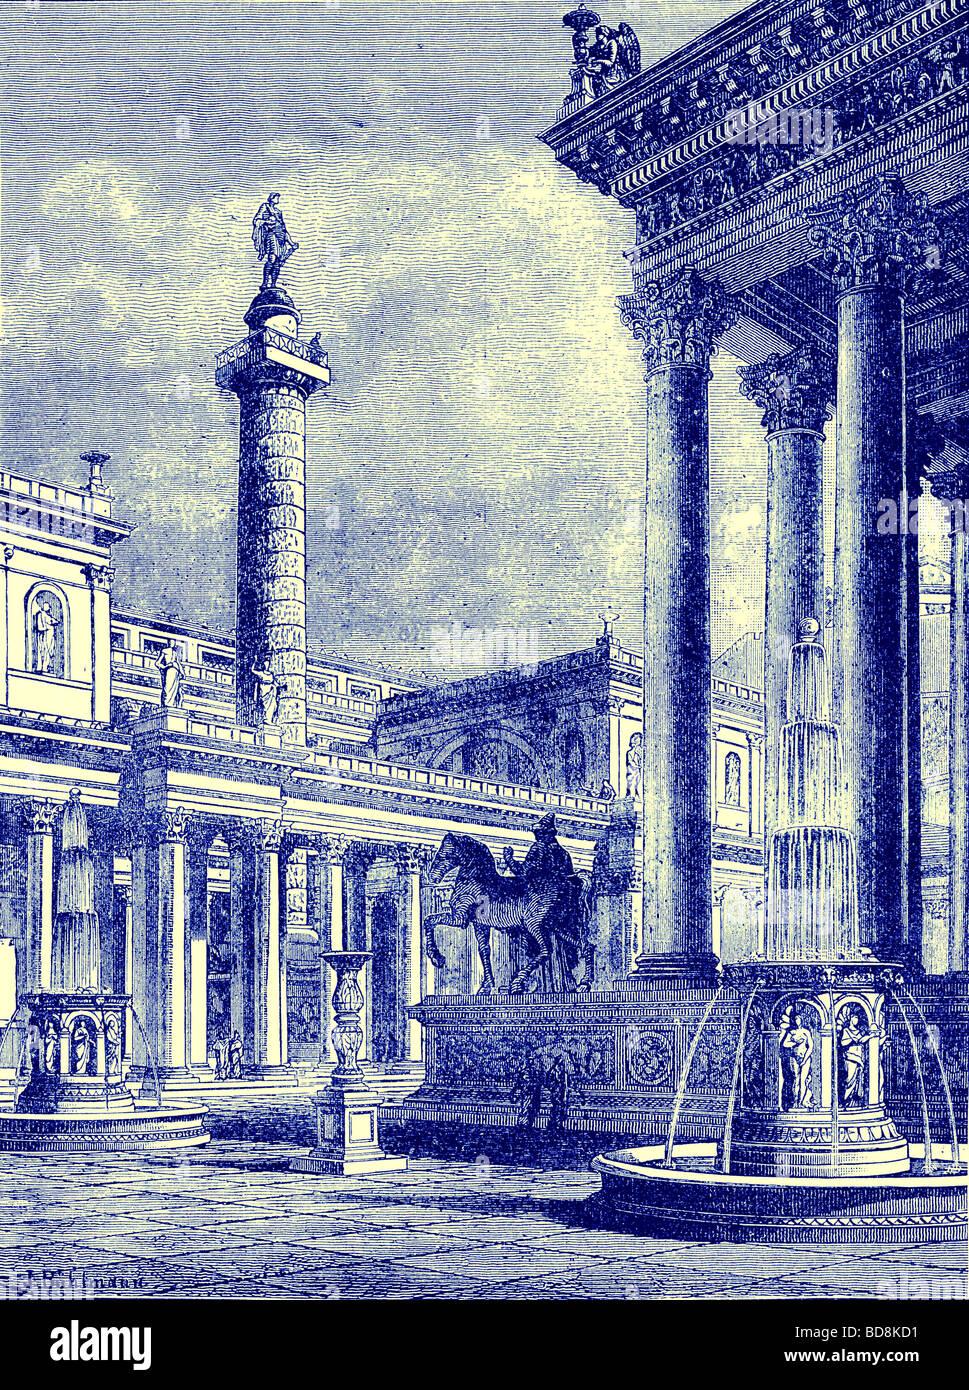 Il forum e la Colonna di Traiano Illustrazione da Cassell s illustrato Storia Universale da Edward Ollier 1890 Immagini Stock